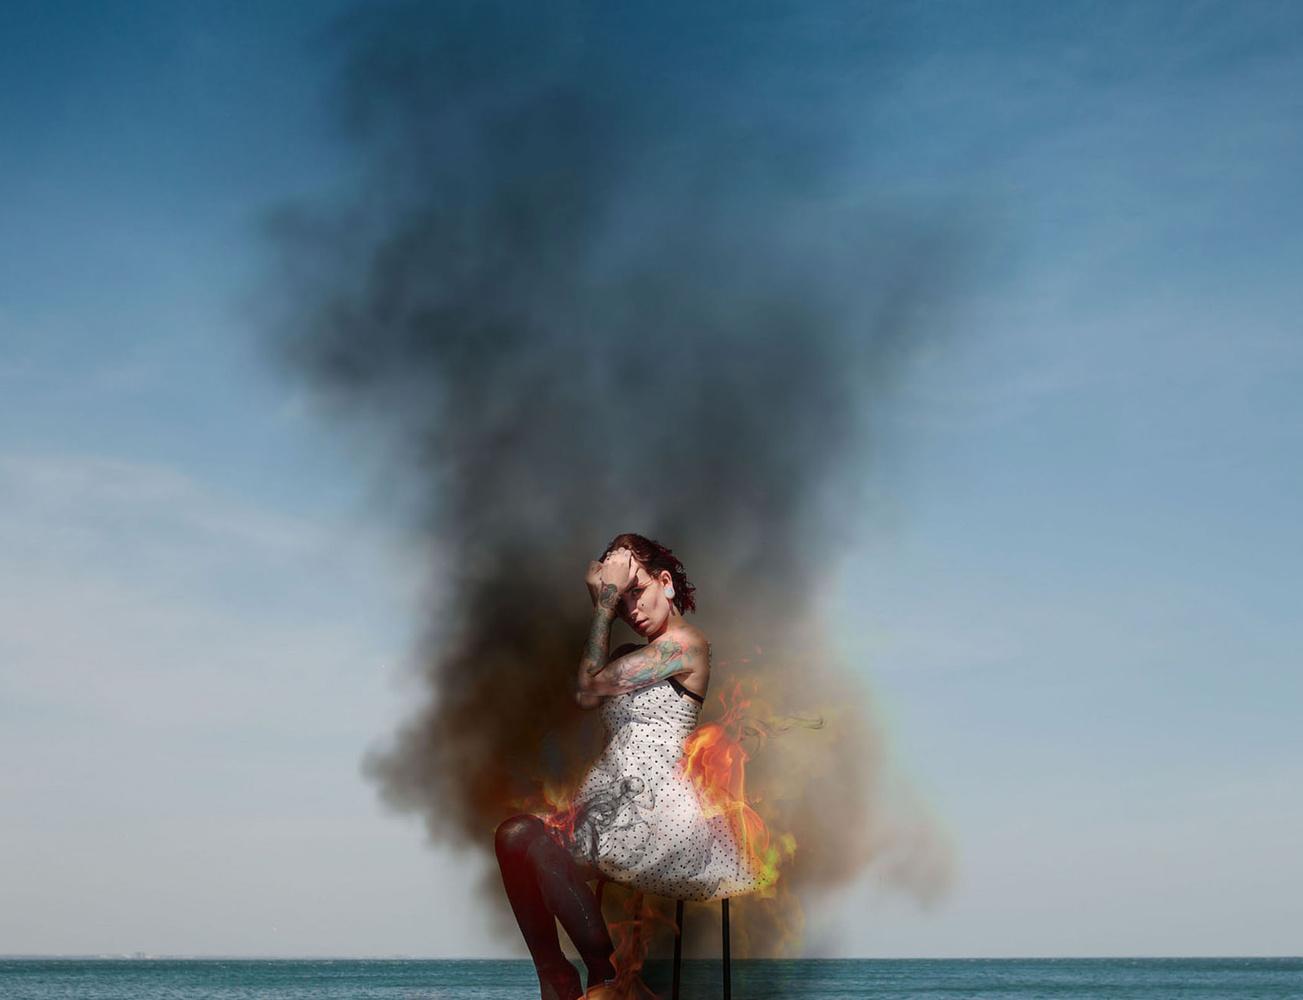 Fire Woman by Ian Pettigrew